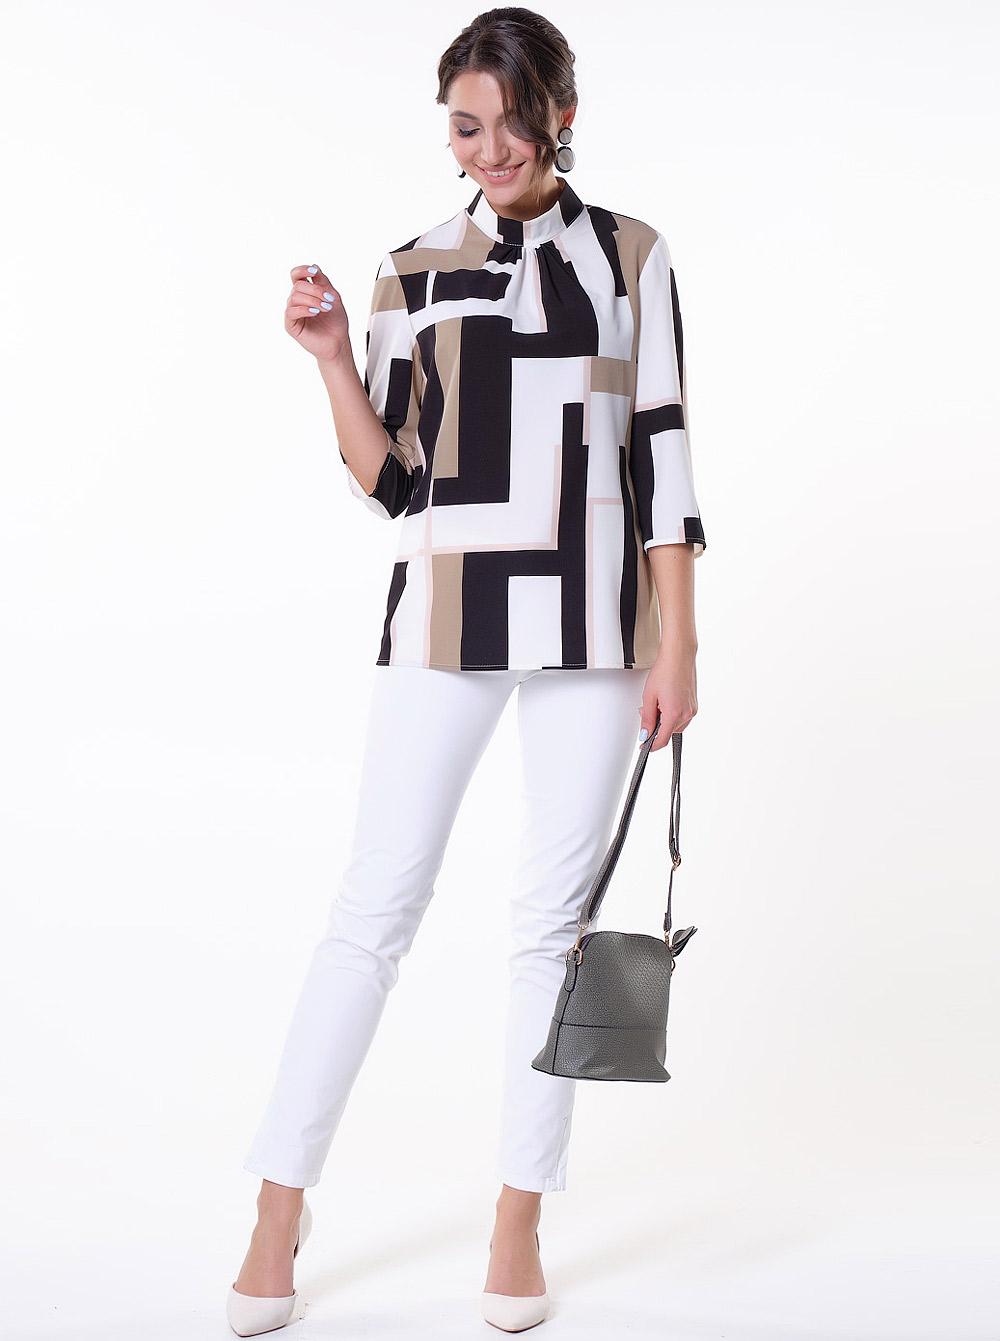 a1124ac881f Интернет-магазин Эгерия → Женская одежда → Блузы → Повседневные блузки →  Блуза 10977-1 Санса-1 Valentina